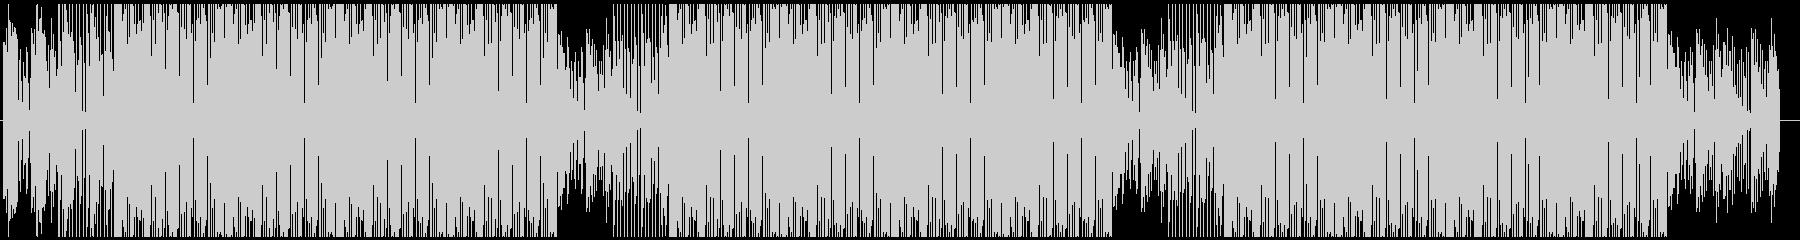 ファッショナブルなハウスミュージックの未再生の波形